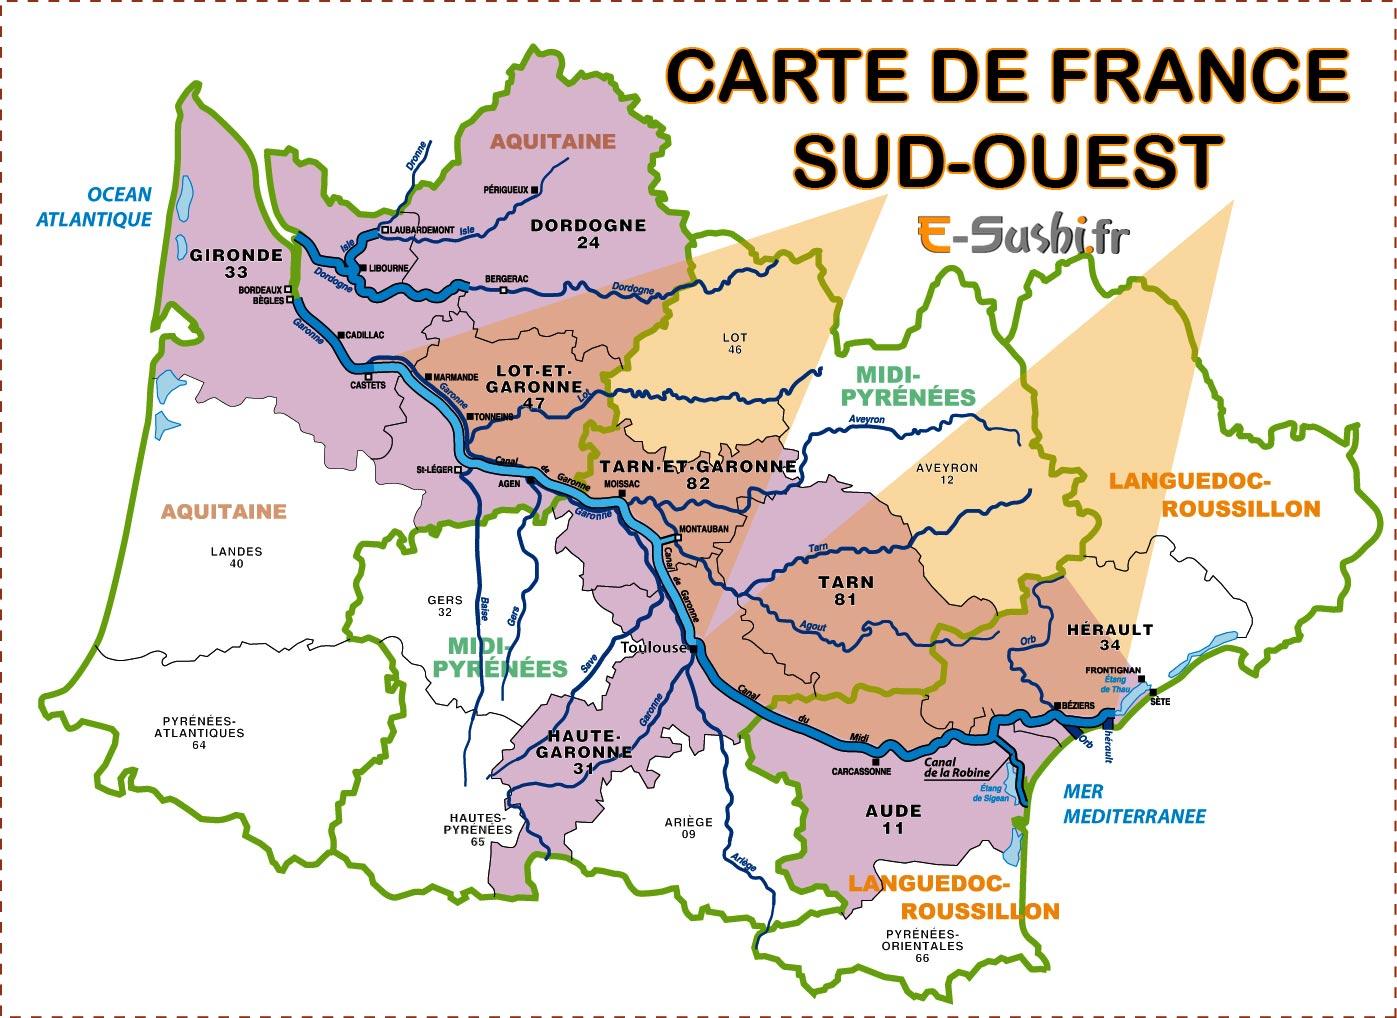 Carte De France Sud Ouest - Voyages - Cartes intérieur La Carte Des Départements De France